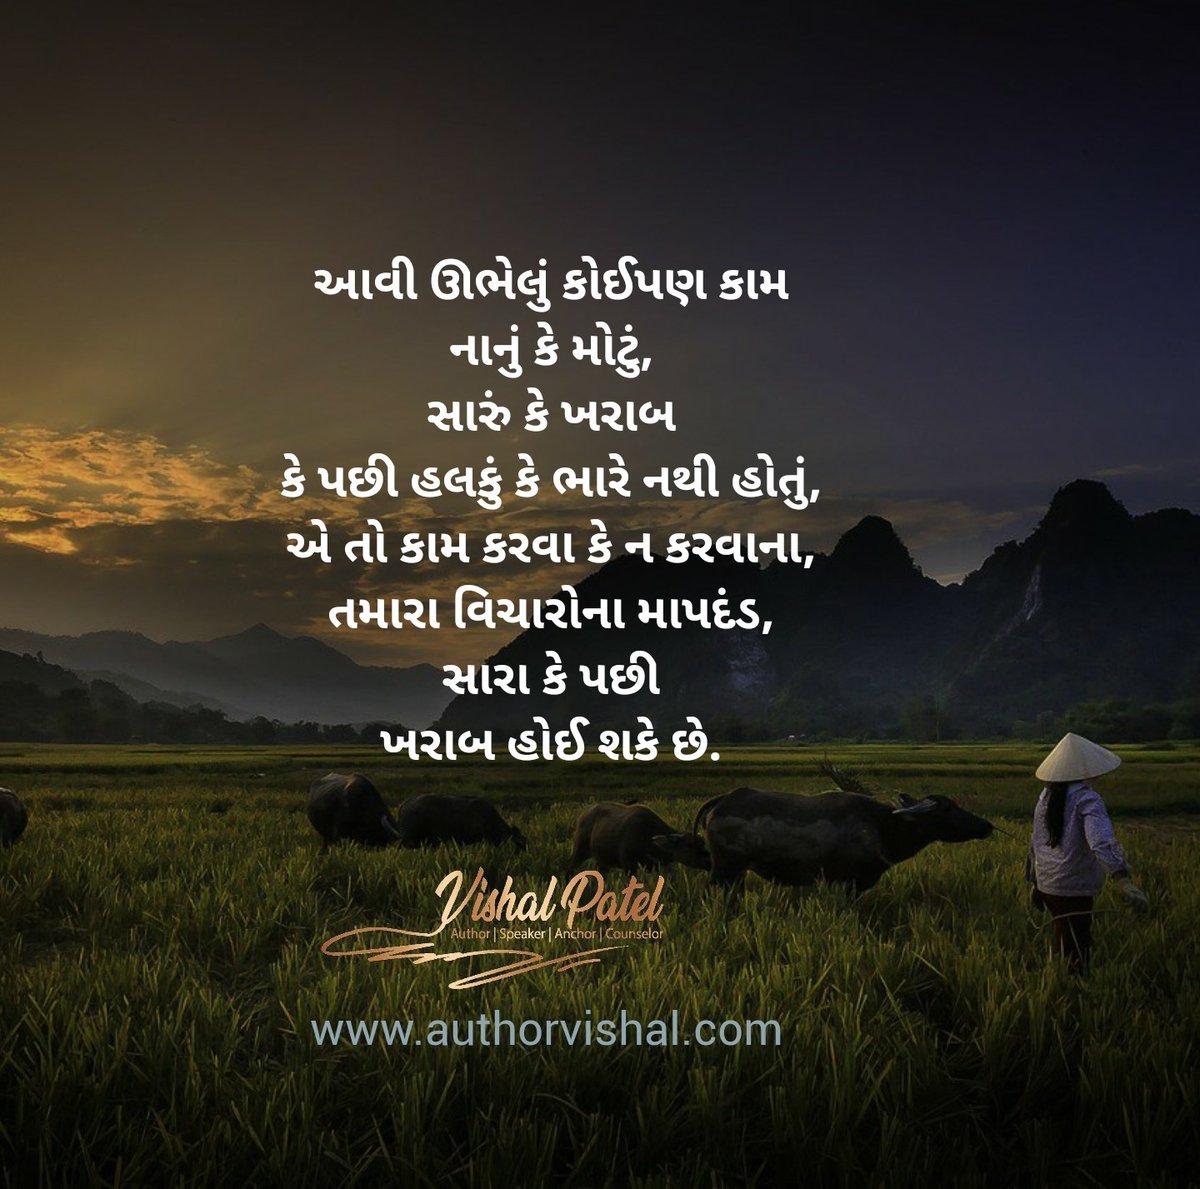 #authorvishalpatel #gujarati #GujaratiFunda #motivation #motivationalquotes #motivational #motivationalspeaker #motivationquotes #motivate  #MotivationalQuotes #writerscommunity #indianwriters #indianauthorspic.twitter.com/dAD0i4QCS2